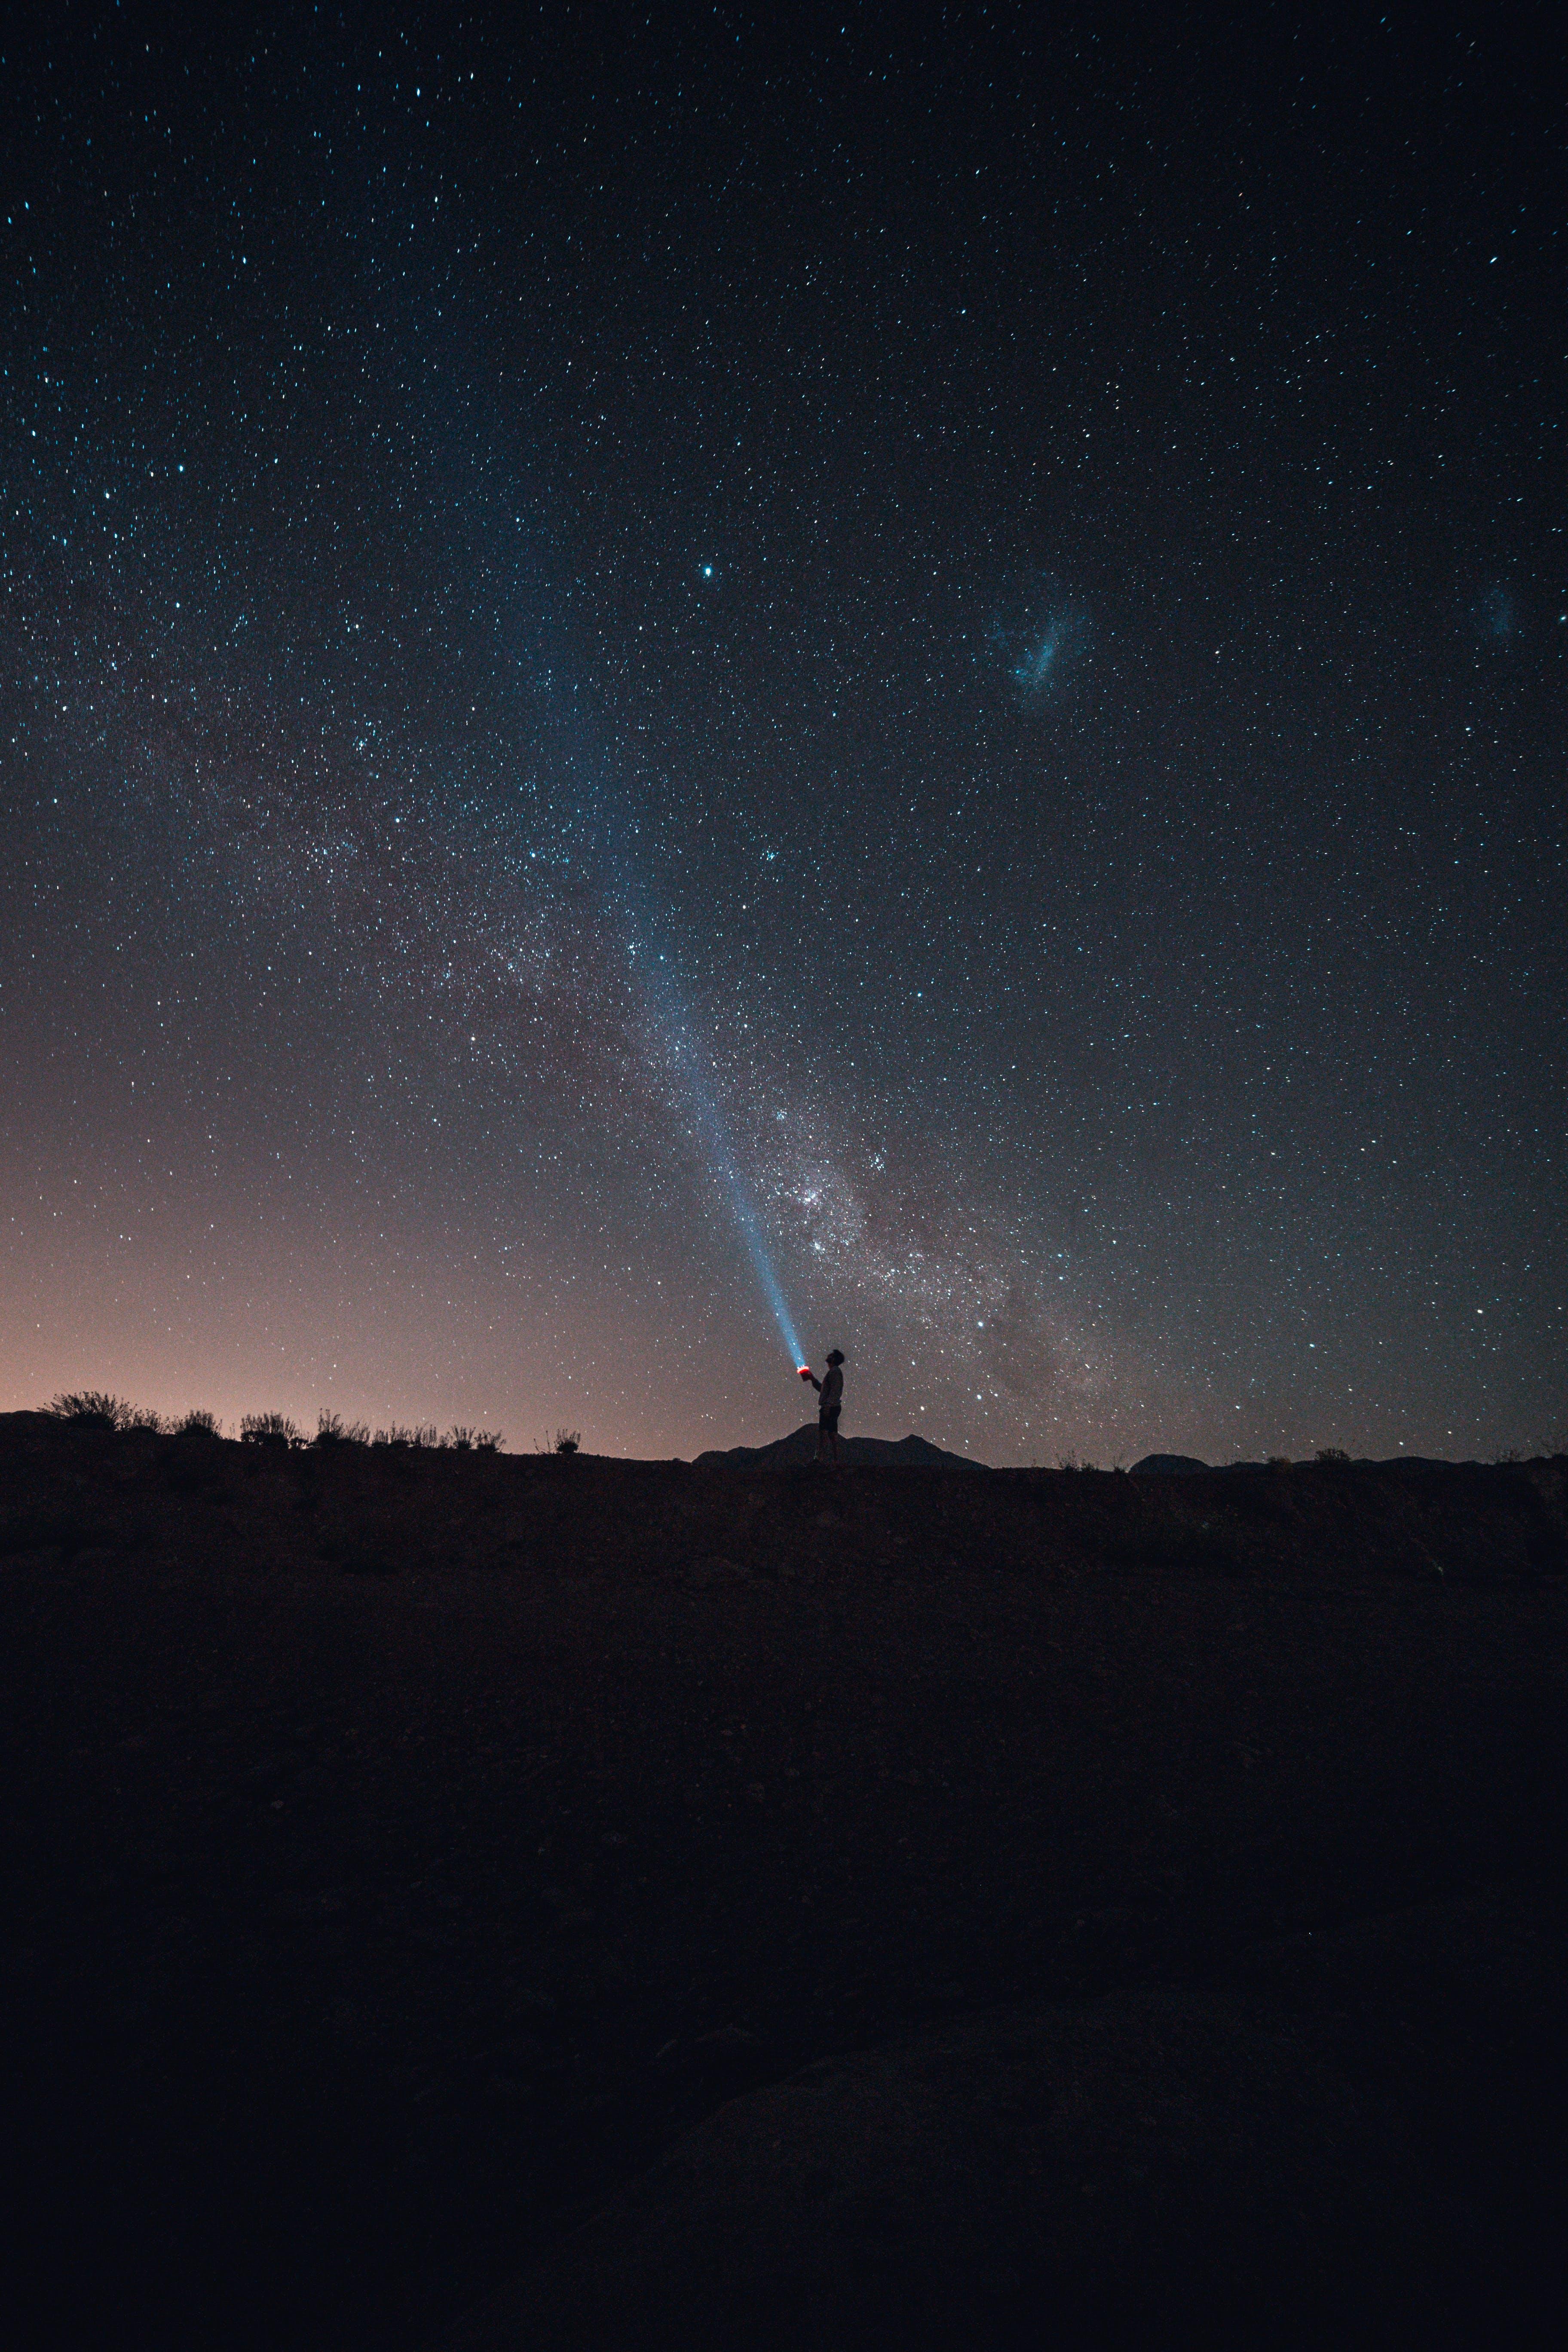 Free stock photo of #sky #longexposure #milkyway #stars #night #dark